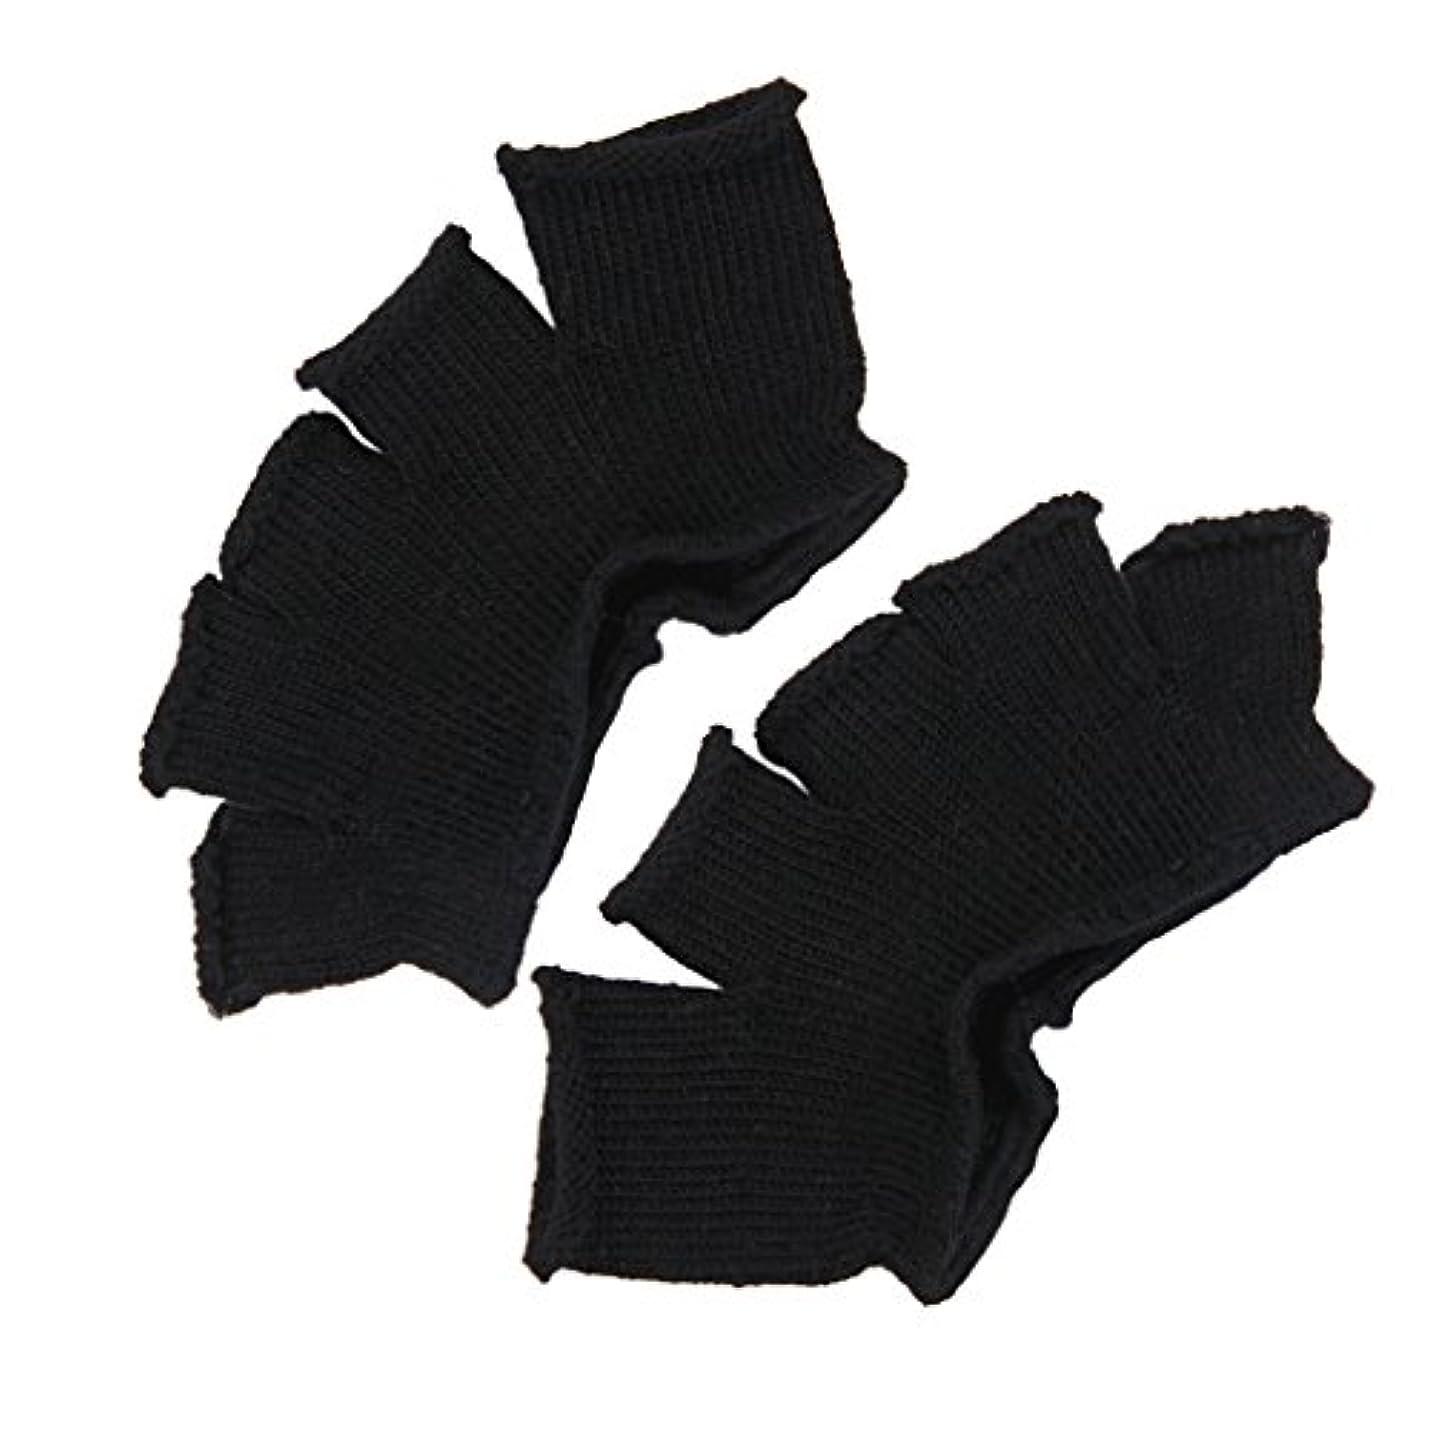 気配りのある品揃え深めるFootful 5本指カバー 爽快指の間カバー 2枚組 男女兼用 足の臭い対策 抗菌 防臭 フットカバー (ブラック)